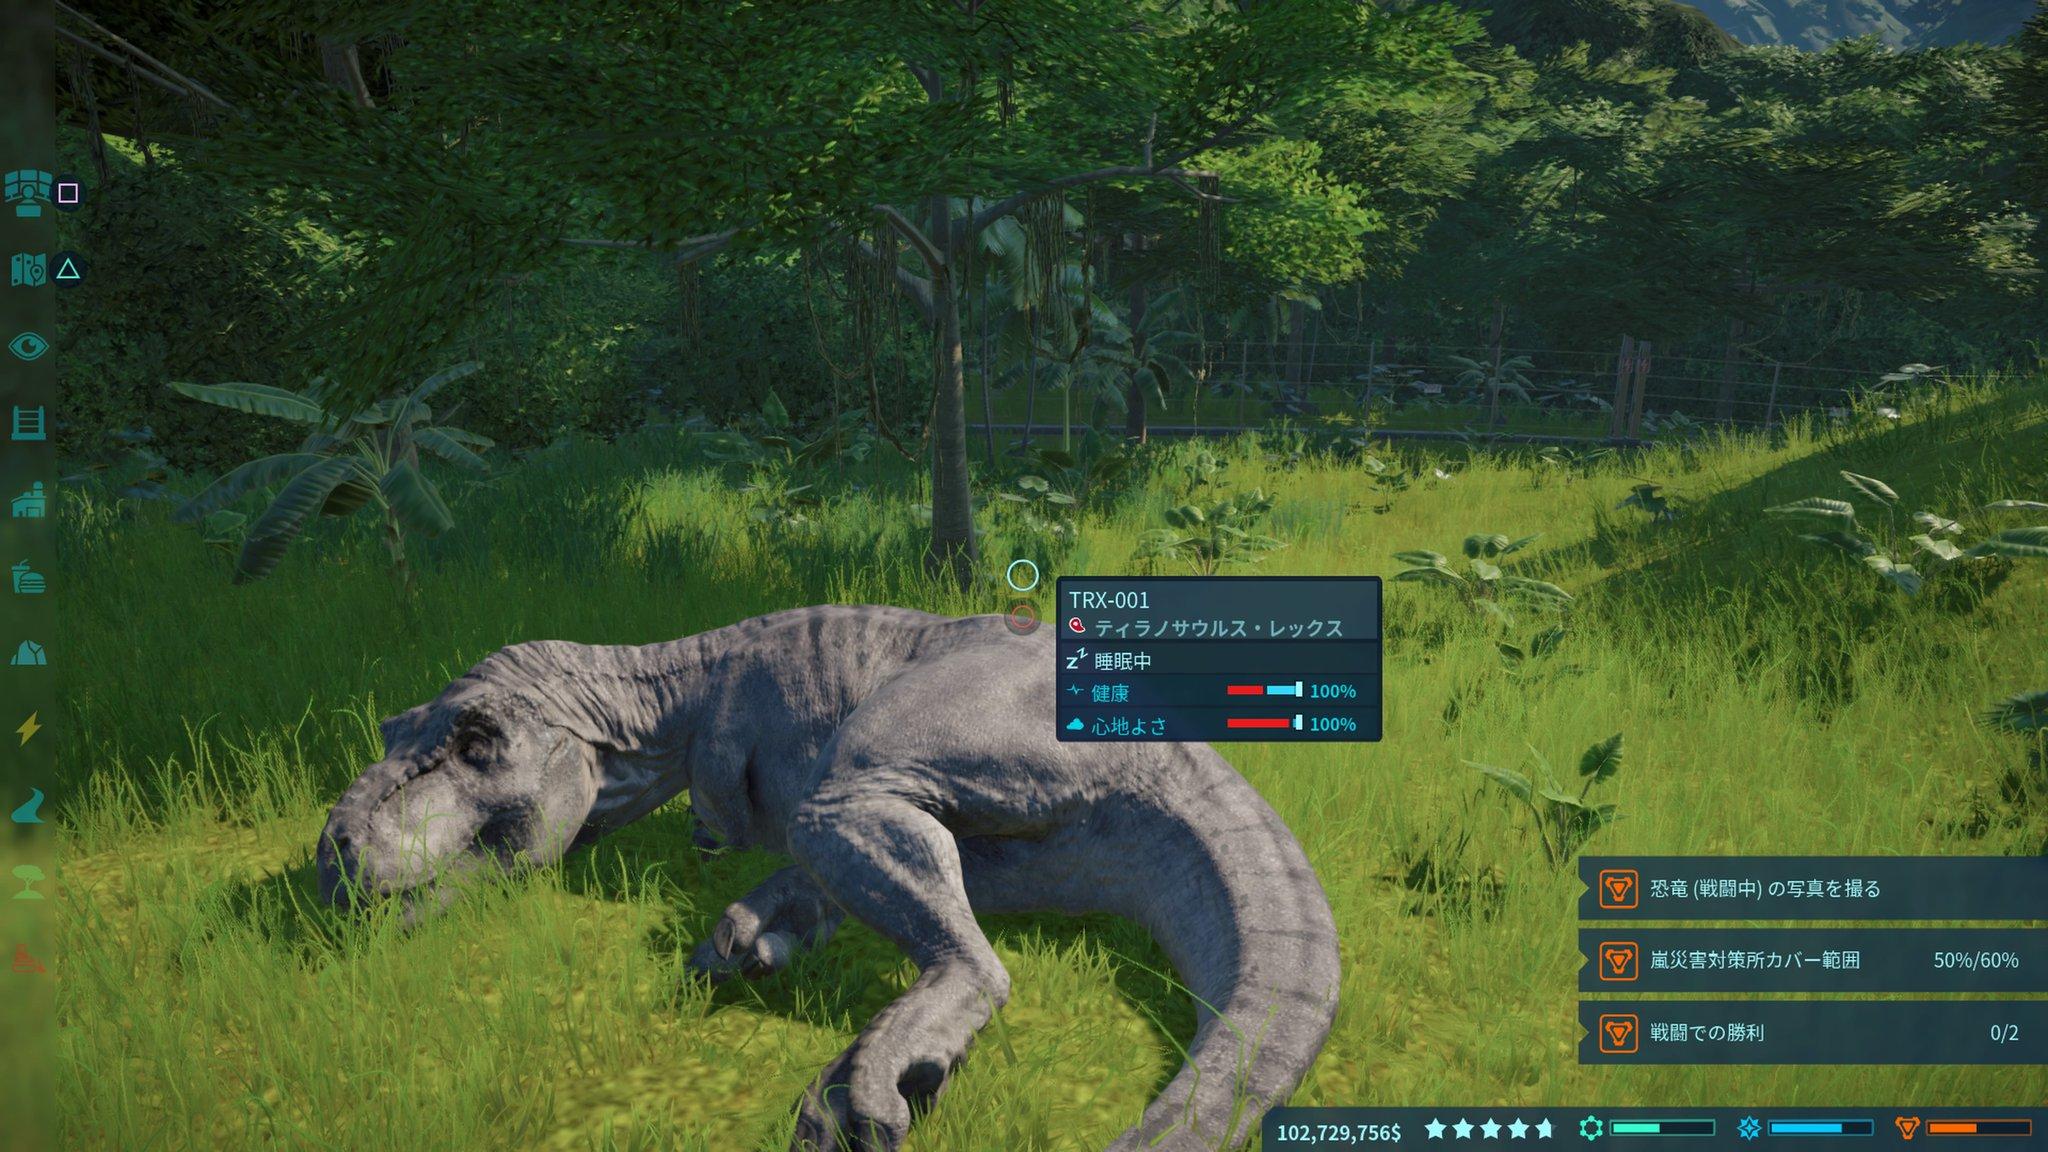 ティラノサウルス クリプト